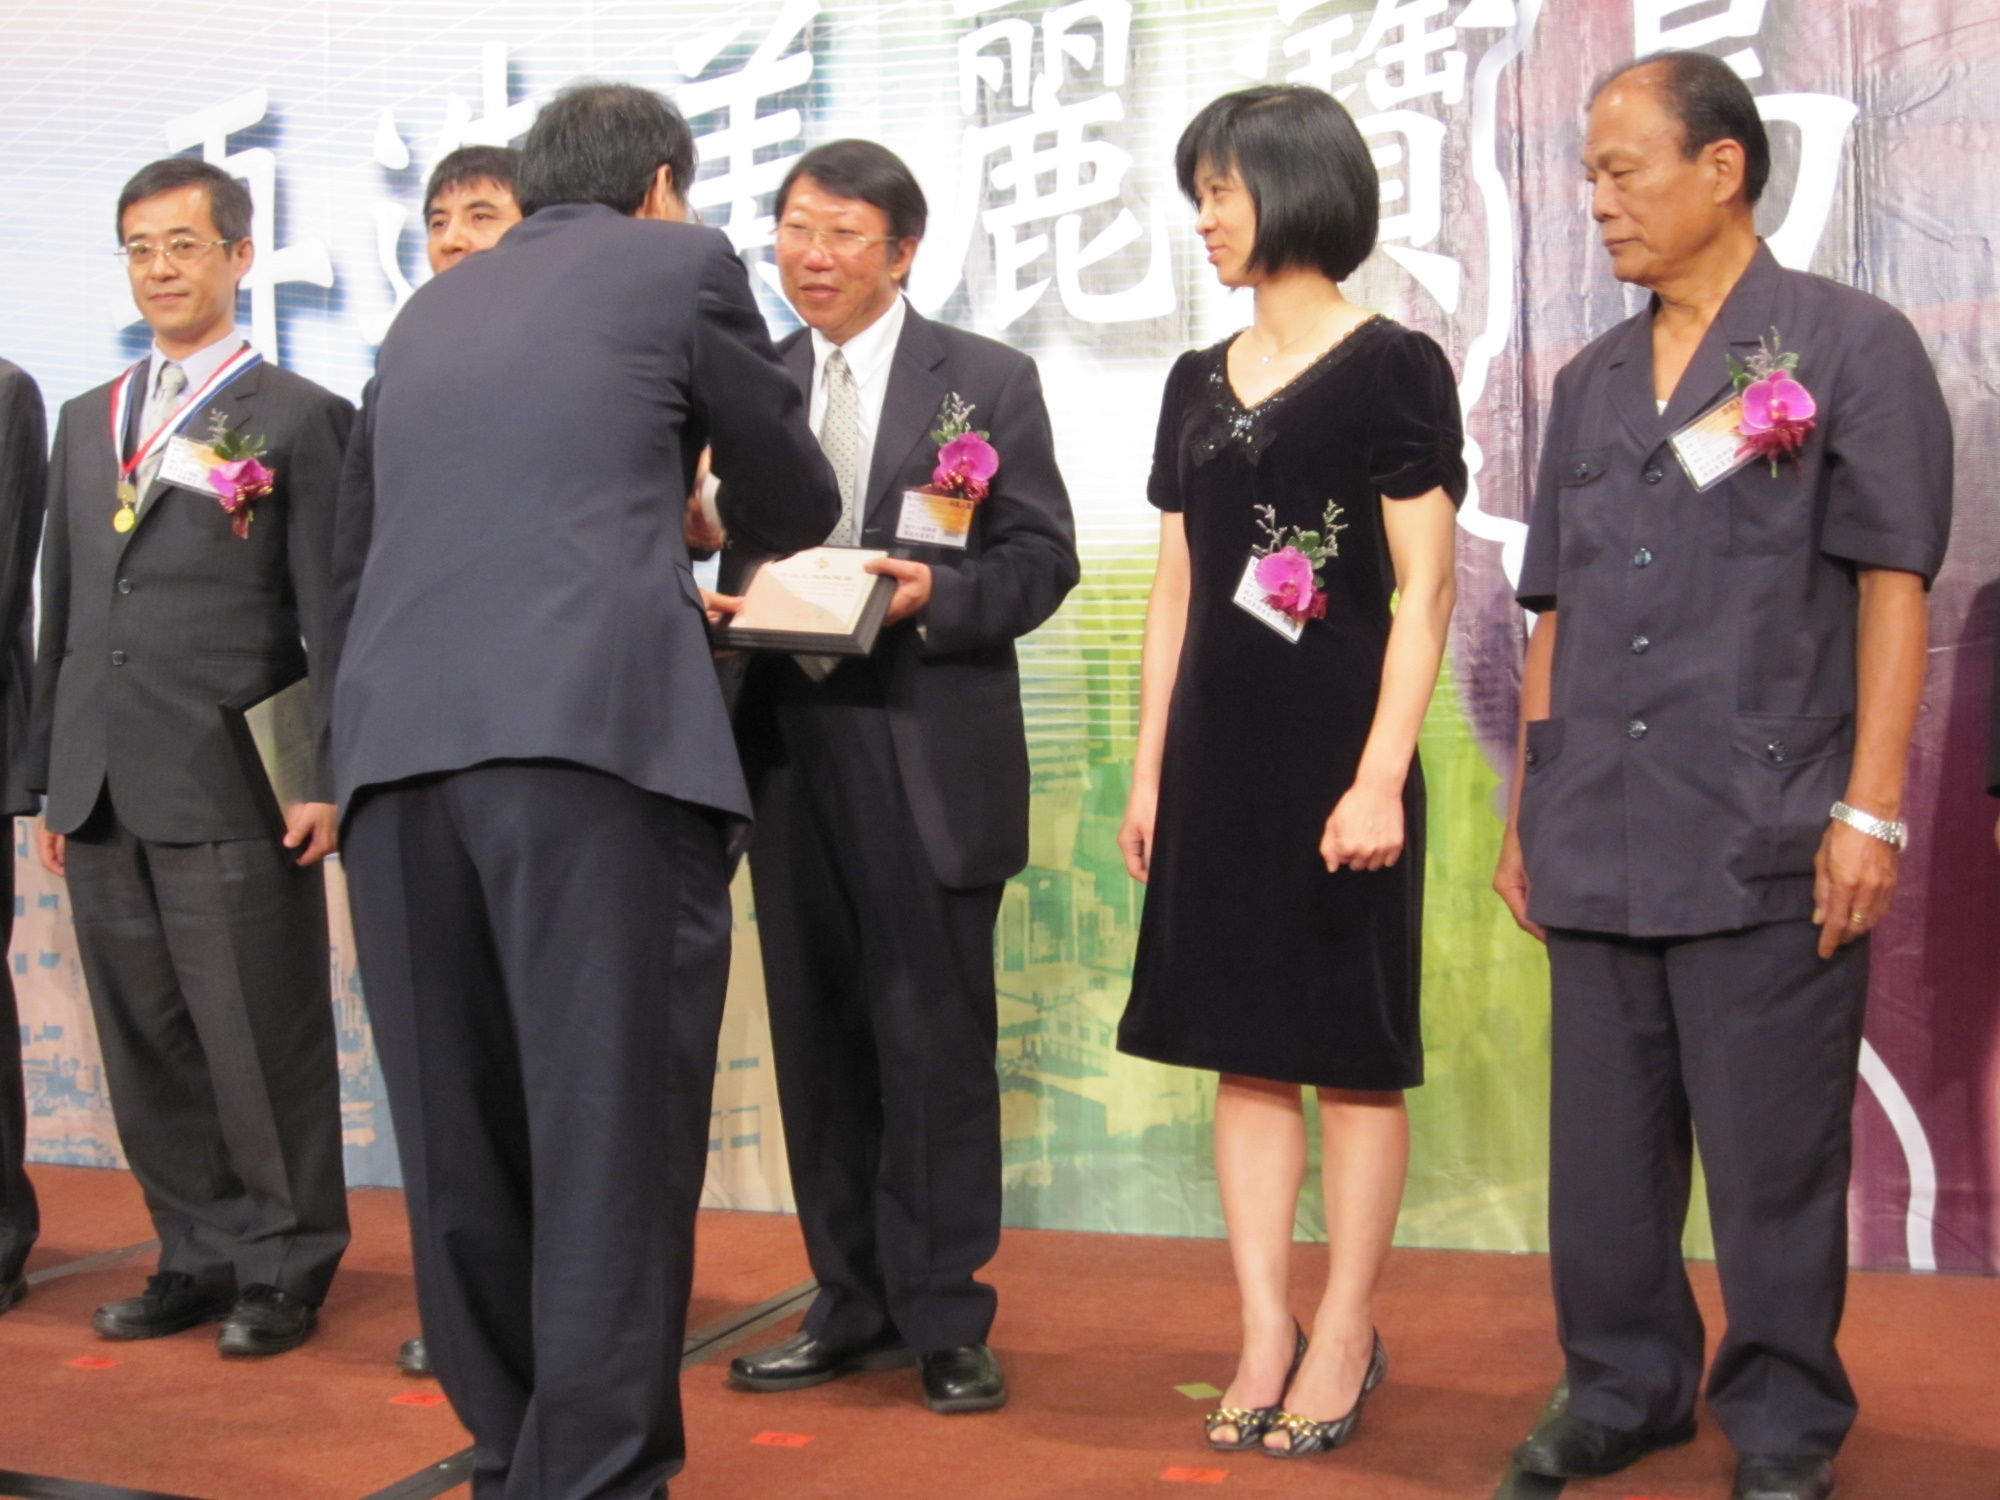 賀!工學院陳夏宗院長榮獲中國工程師學會99年度「傑出工程教授」獎